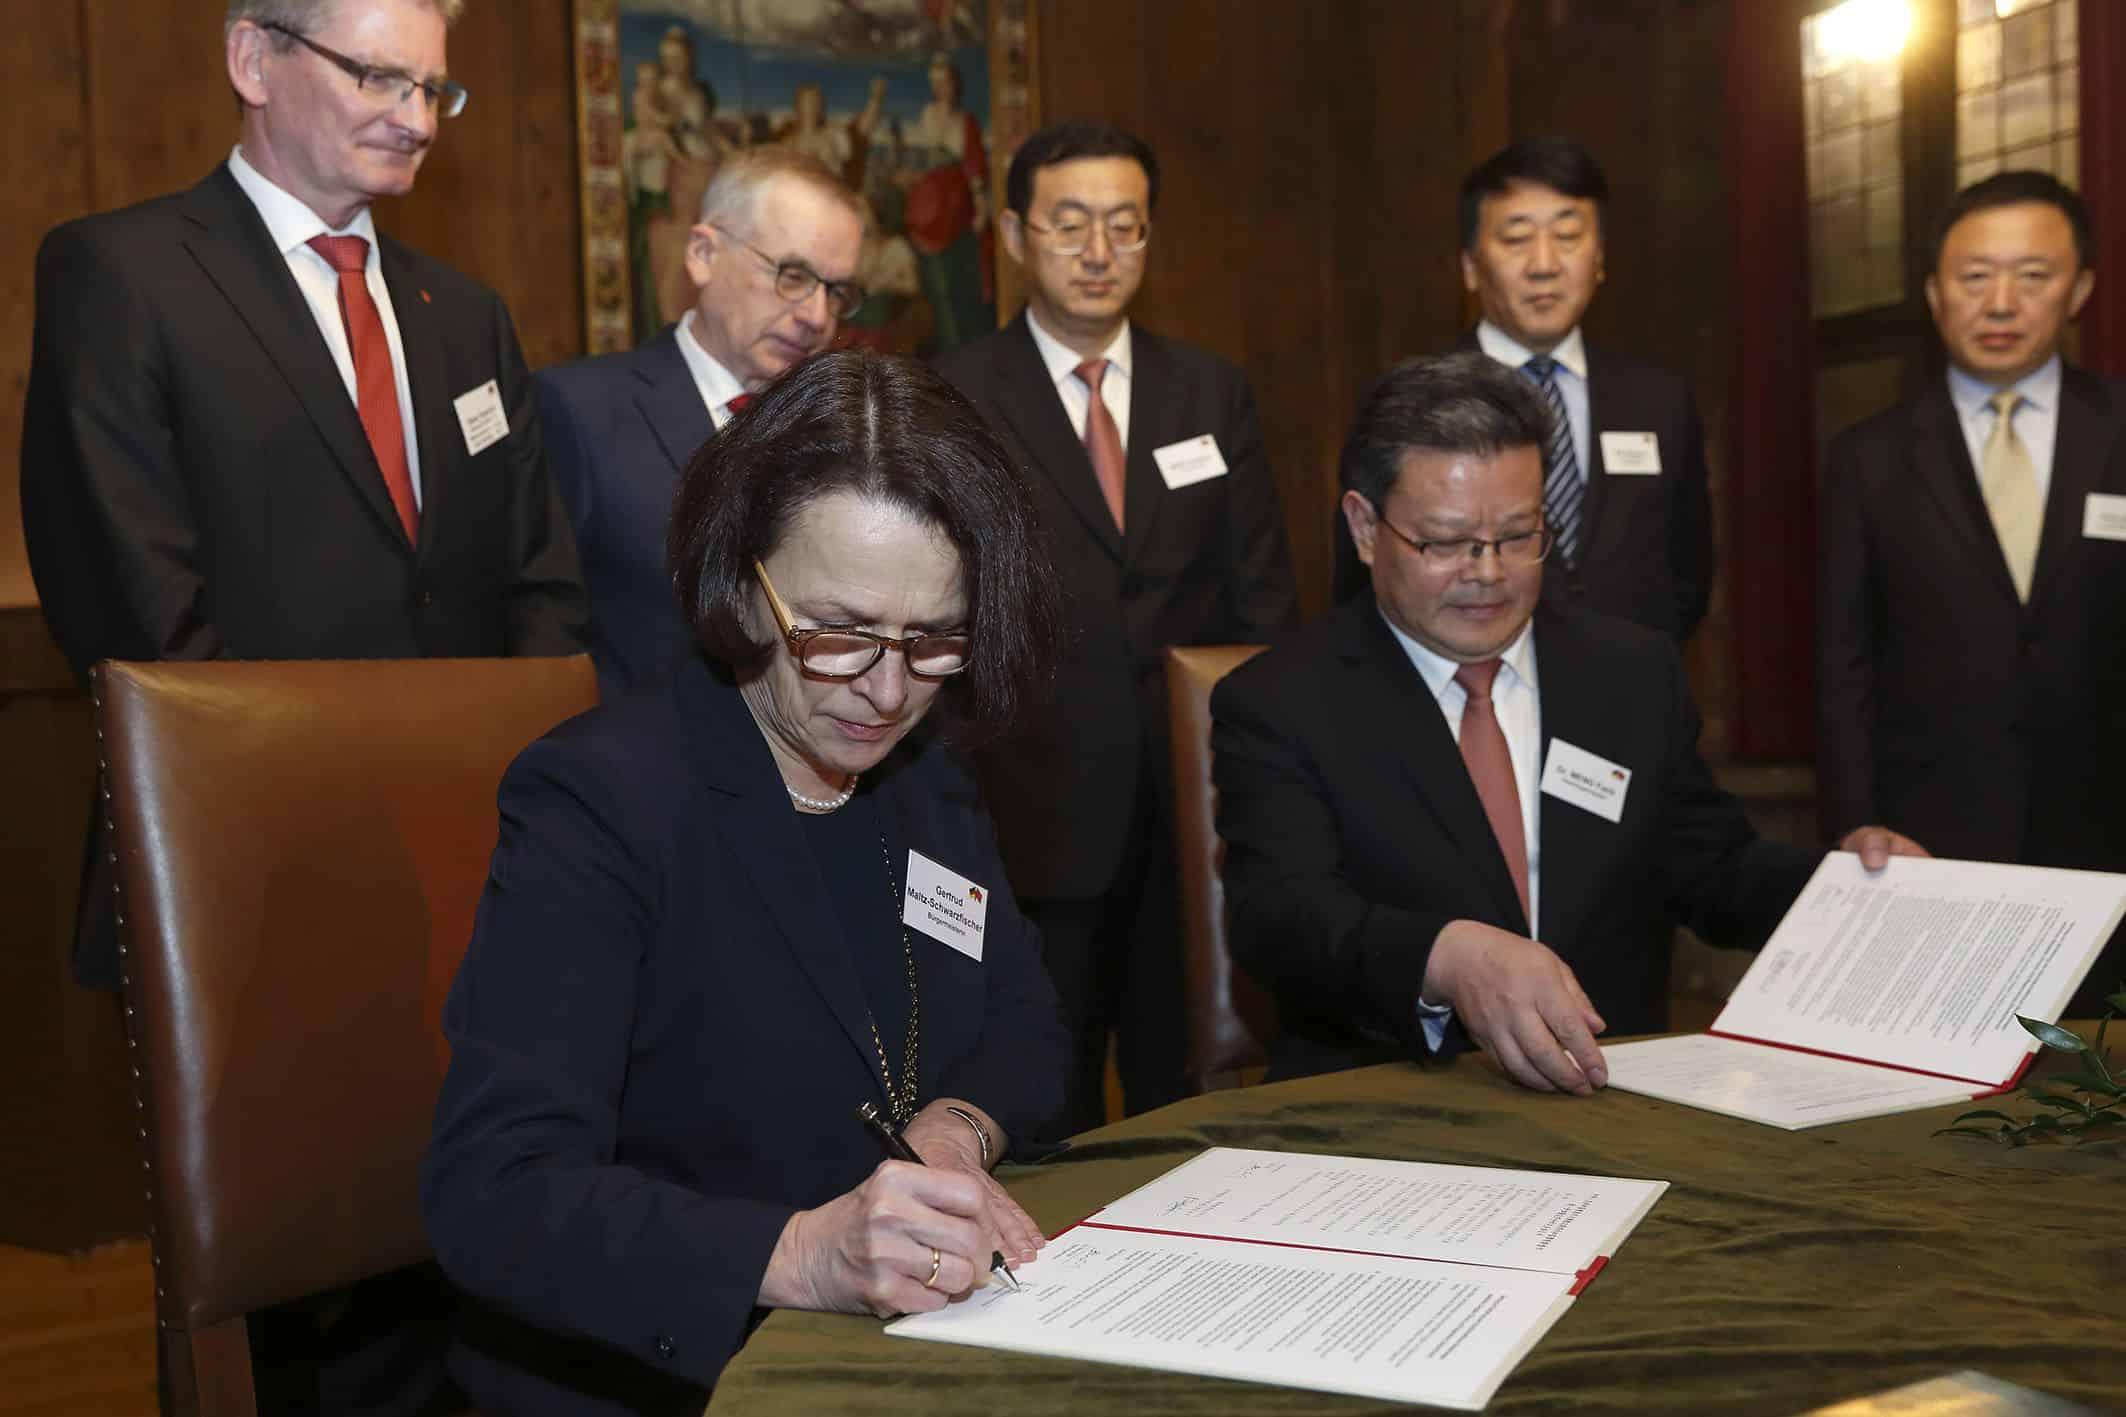 Oberbürgermeister der Partnerstadt Qingdao zu Besuch in Regensburg